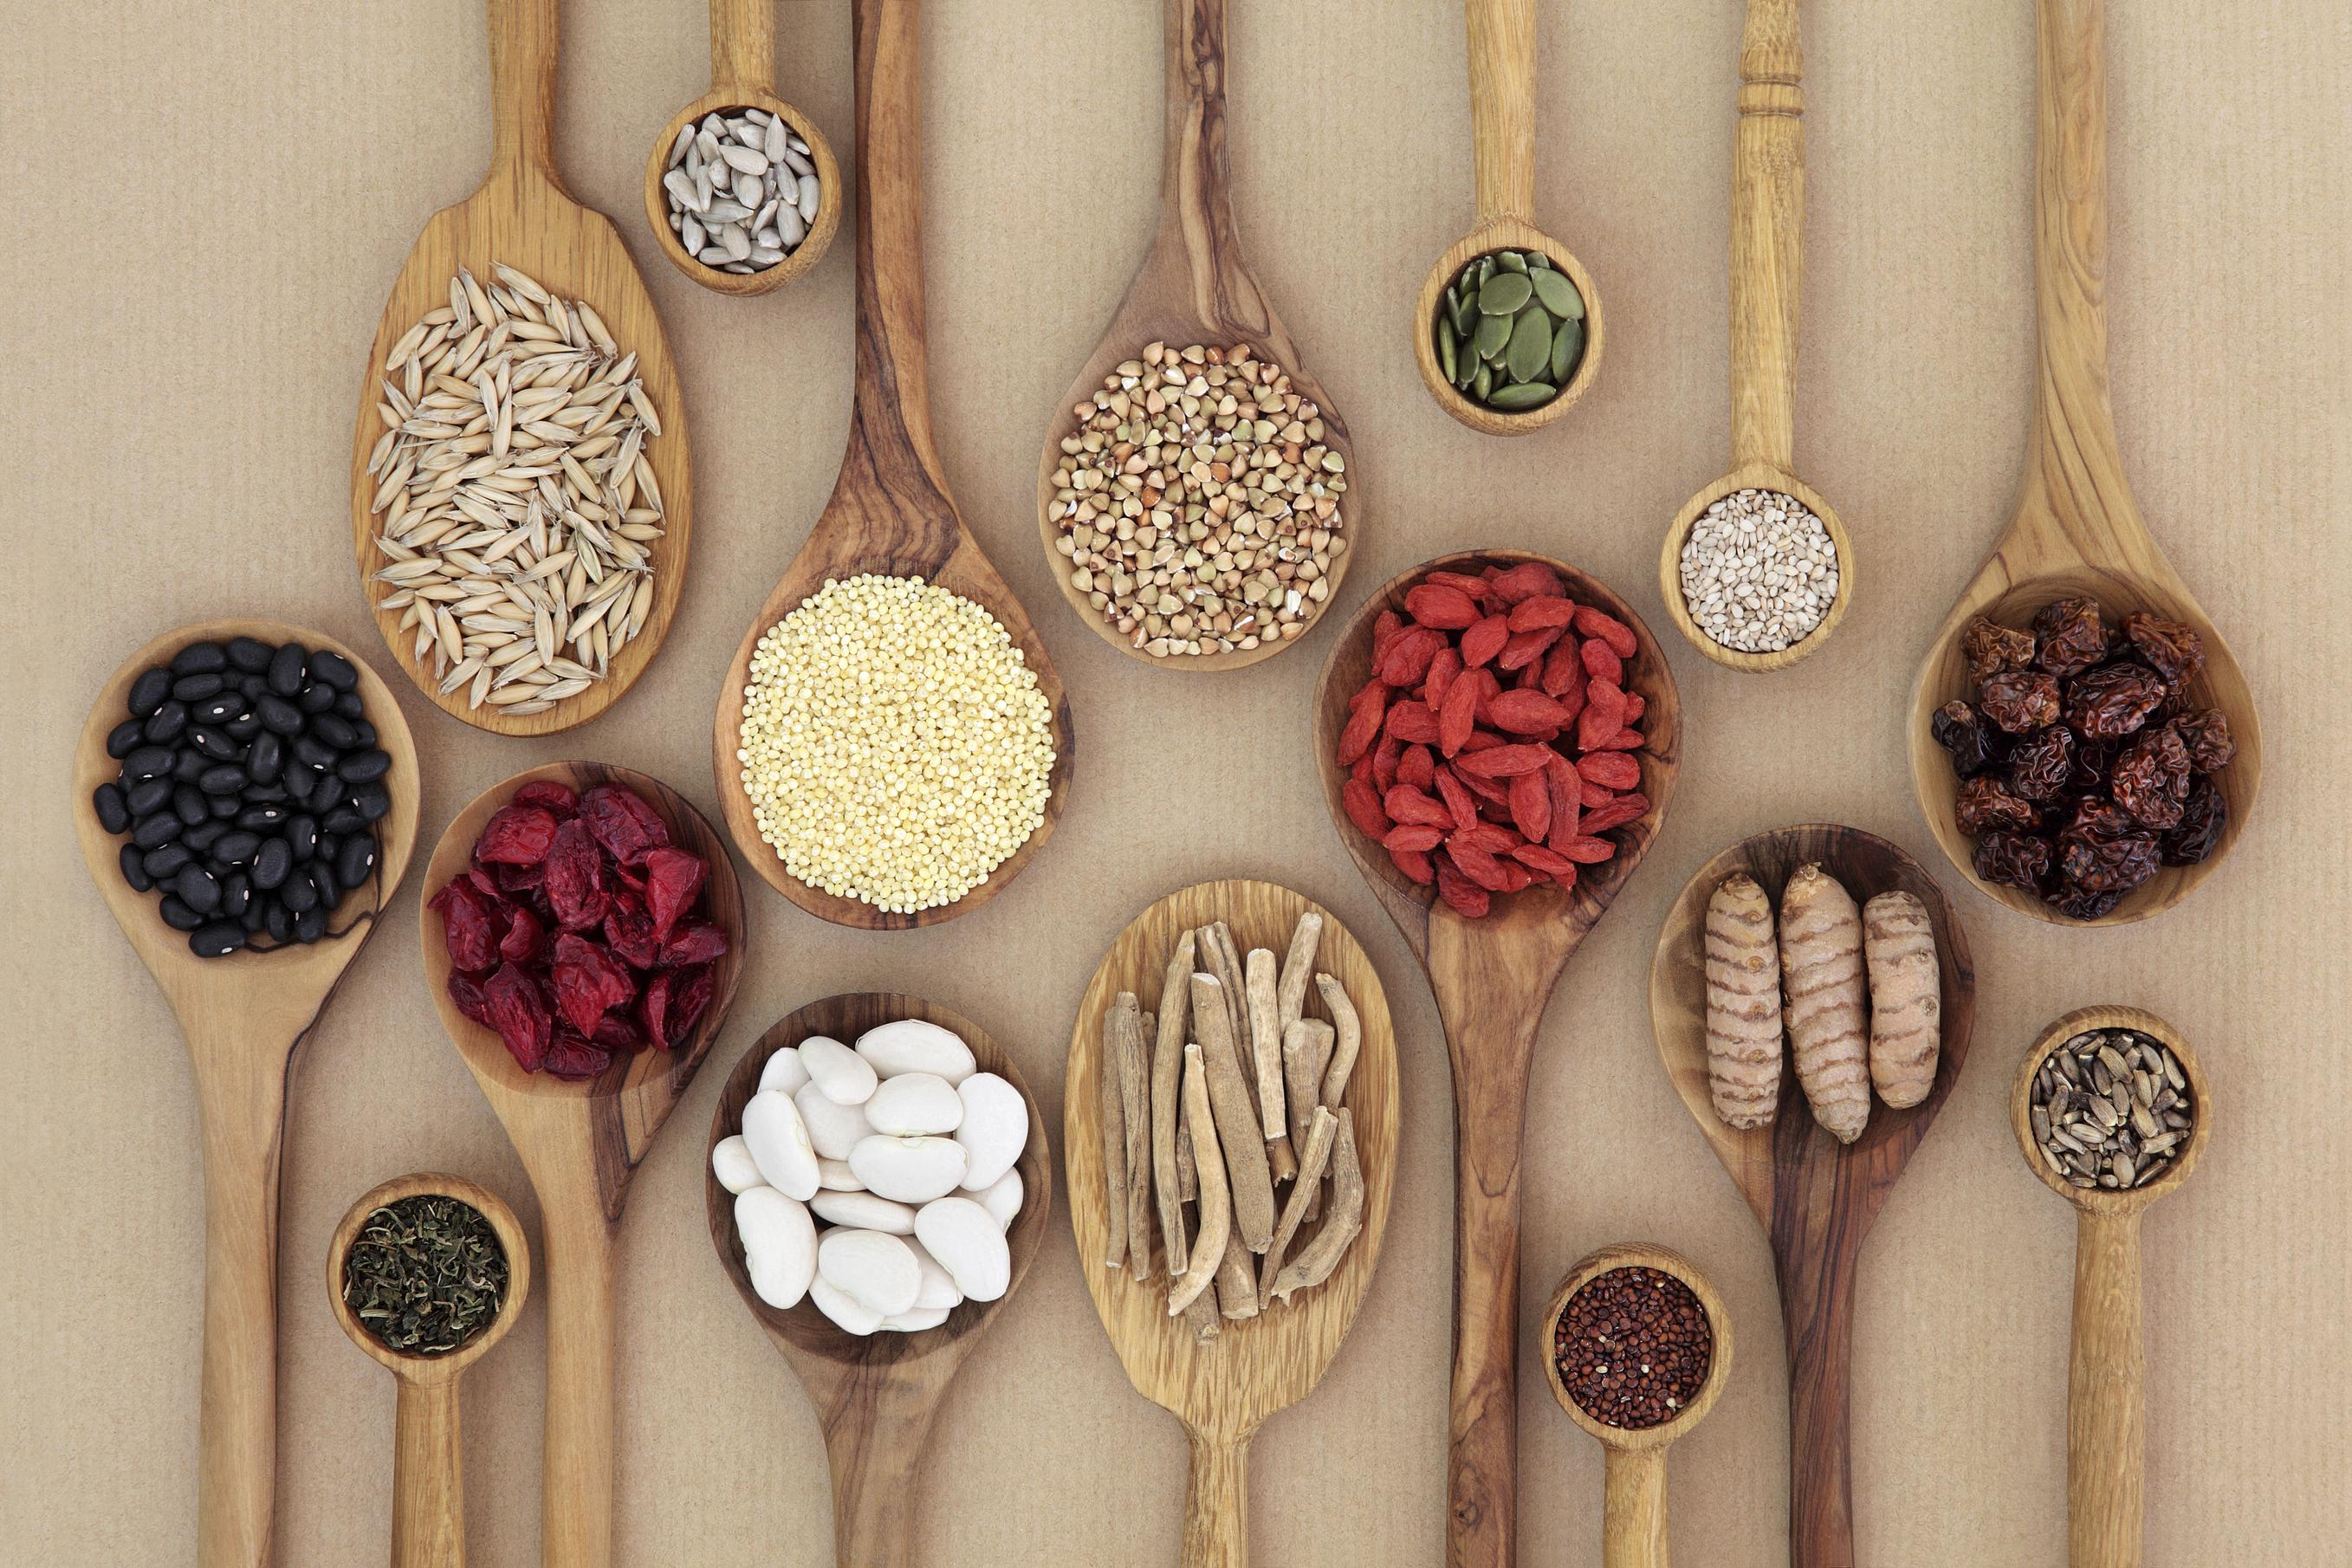 Comment avoir assez de protéines lorsqu'on est végétarien